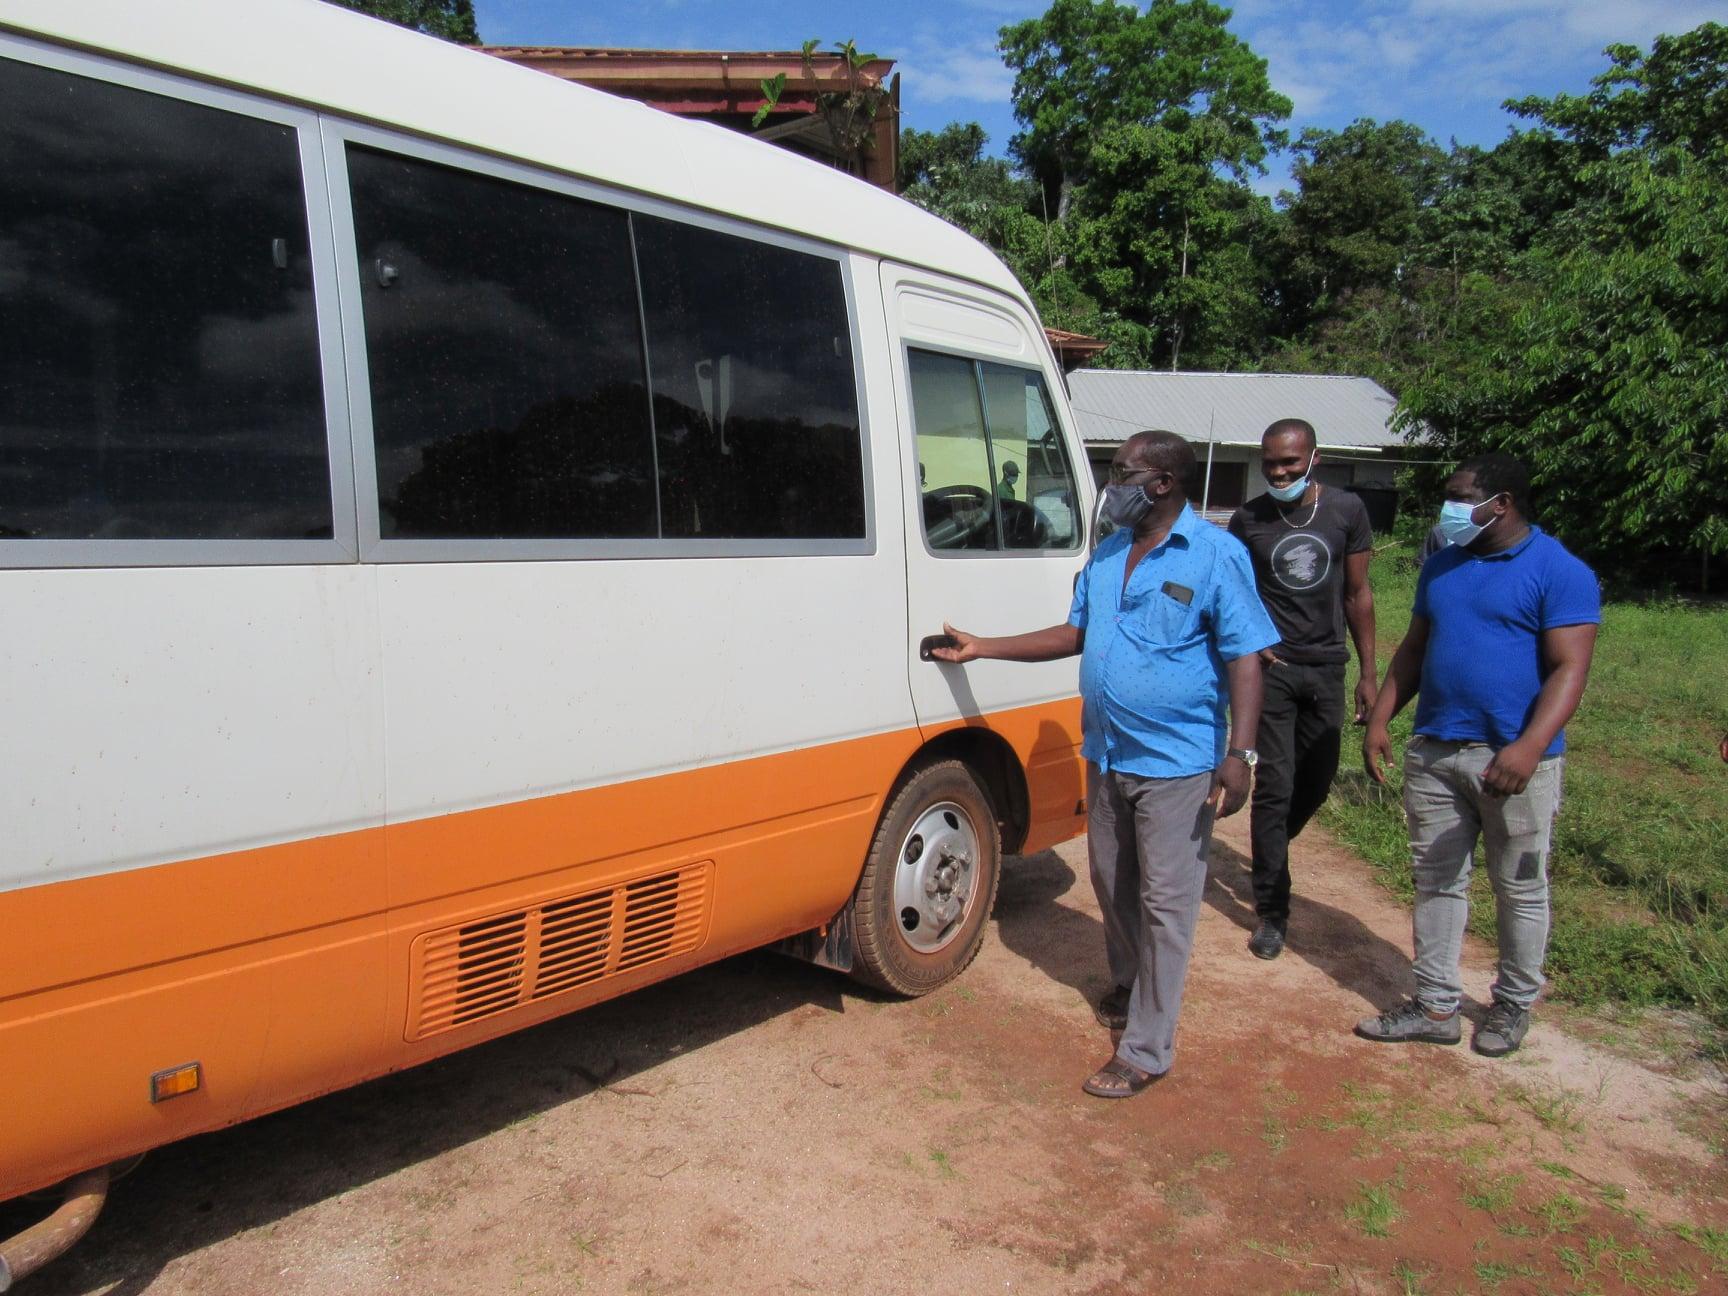 Haukes-NV-in-samenwerking-met-SEMC-NV--donatie-van-een-bus-t-b-v-schoolvervoer-Ovia-Olo-dorp-in-het-ressort-Patamacca-in-district-Marowijne-(4)